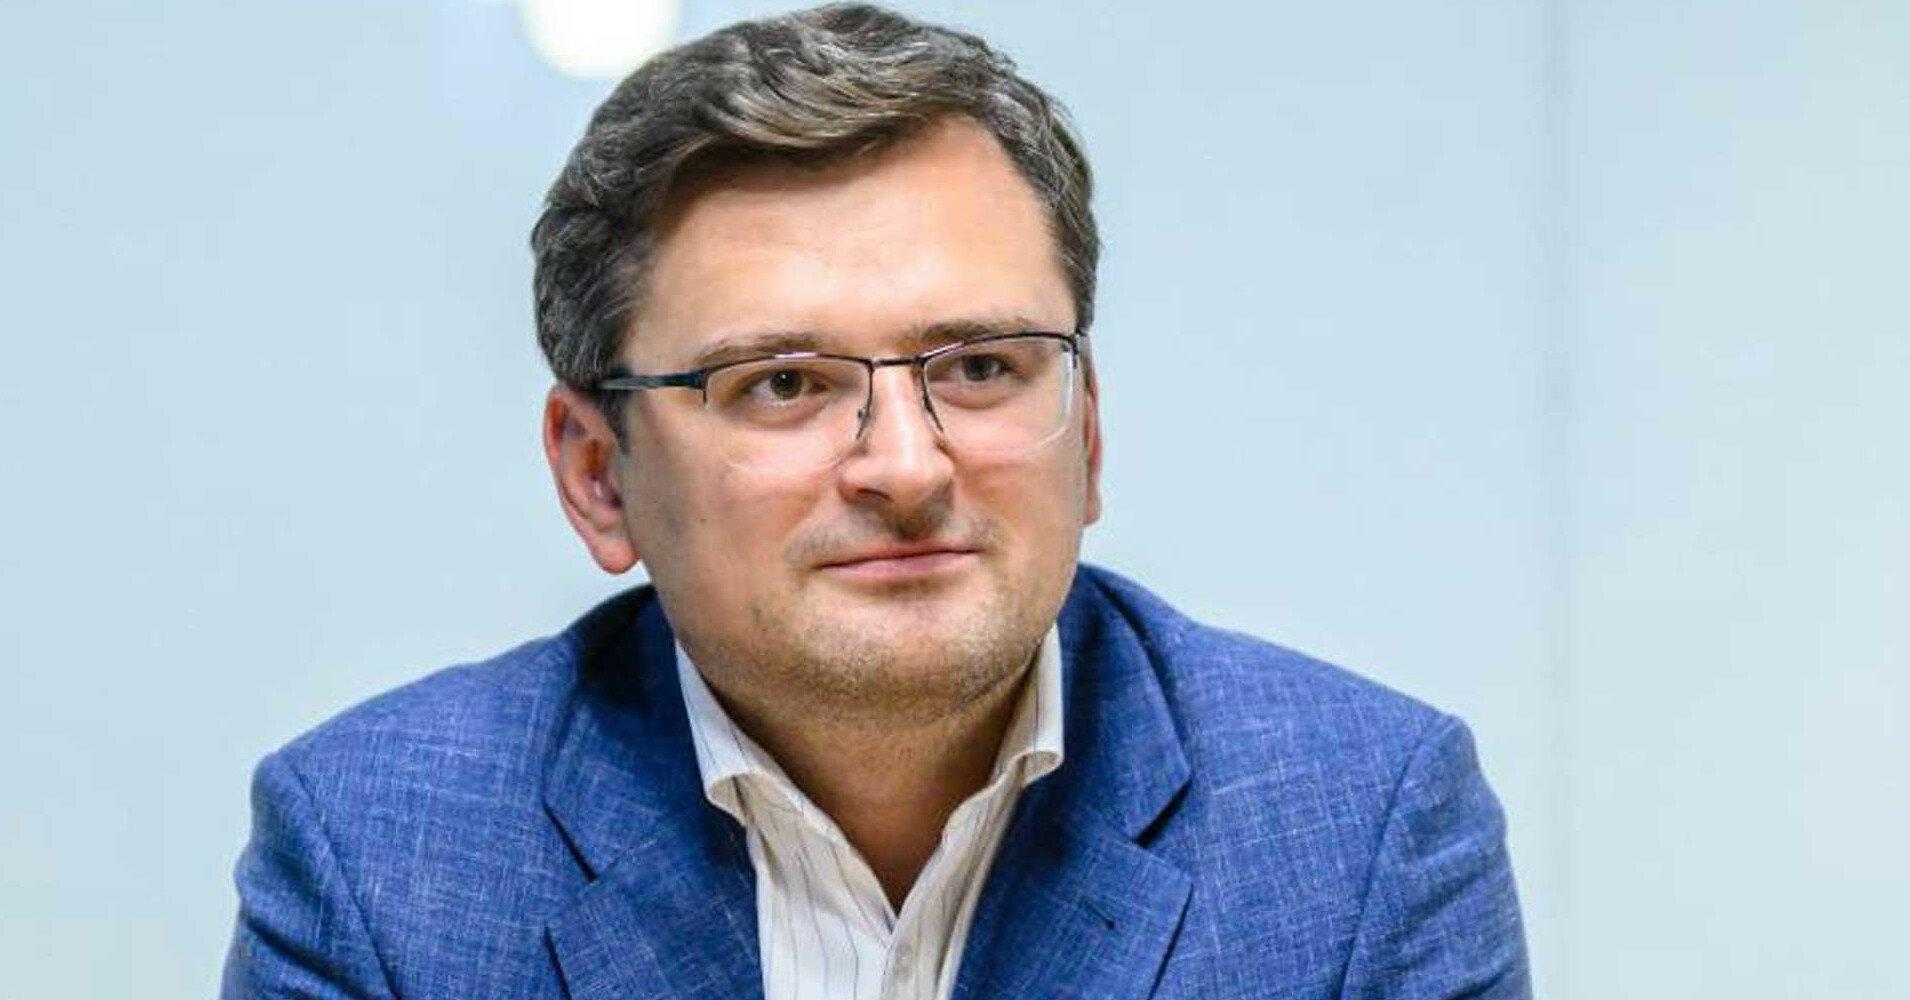 Кулеба обеспокоен перебрасыванием Россией кораблей в Азовское море